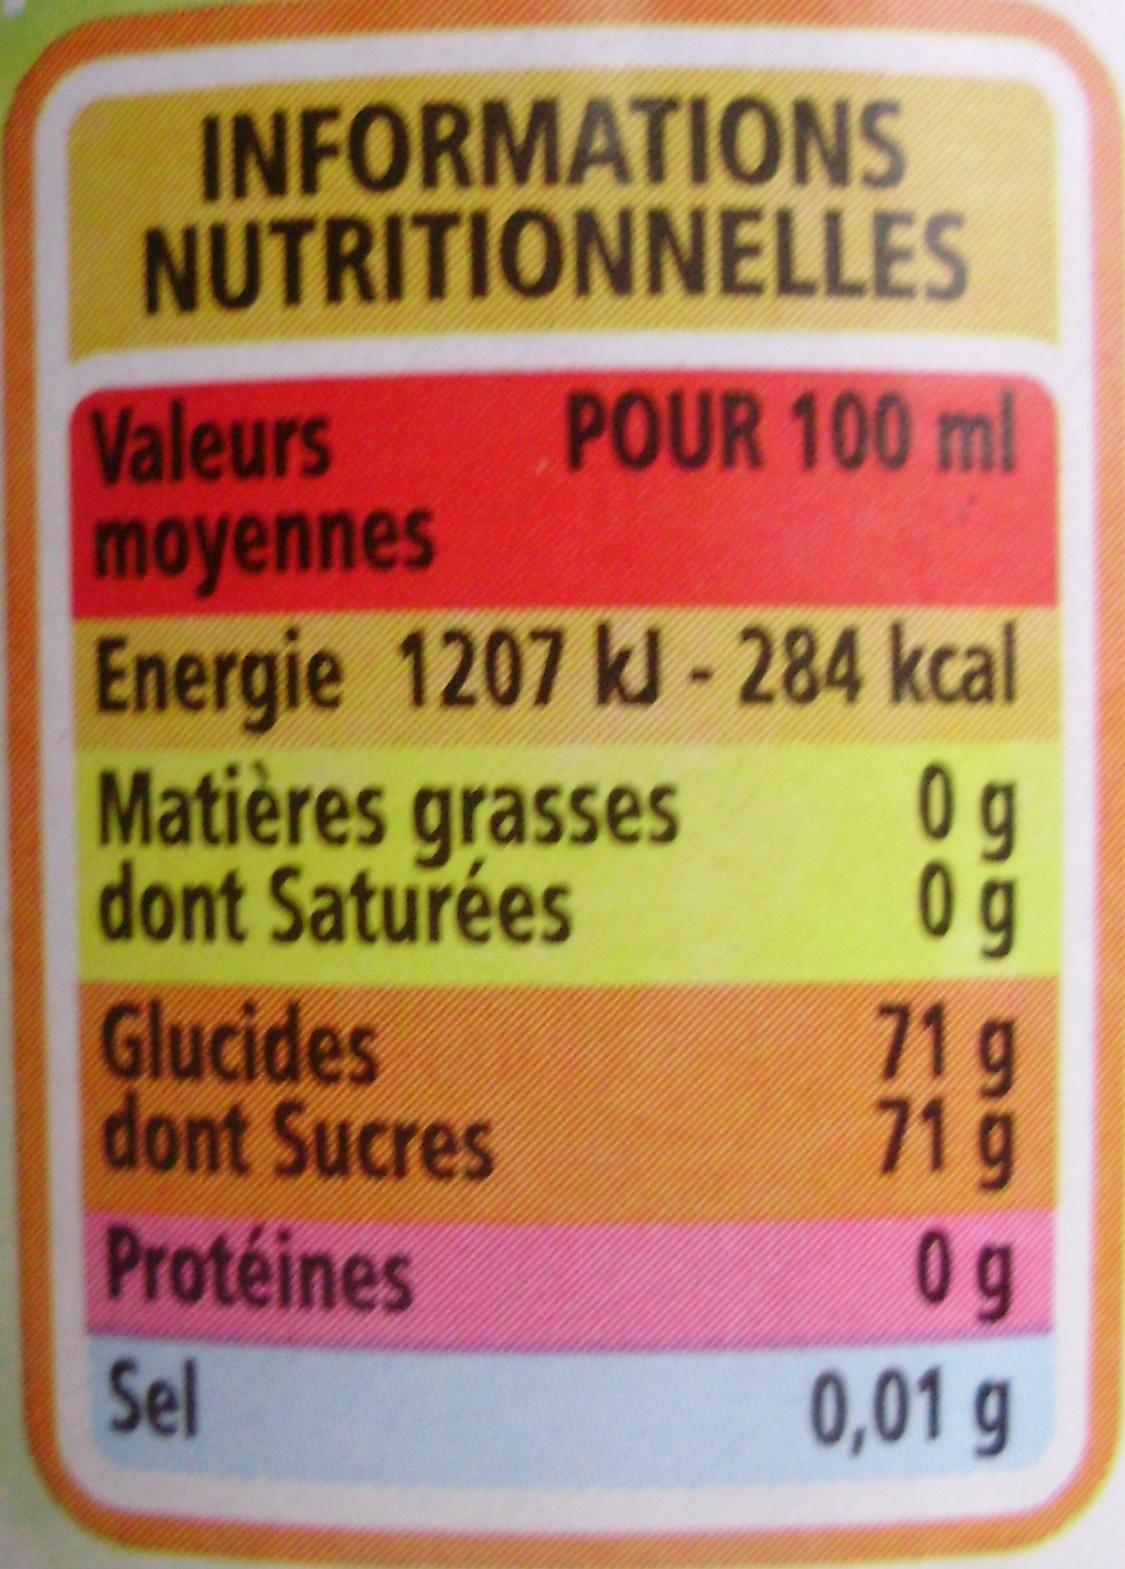 Sirop de Menthe - Pur sucre - Nutrition facts - fr